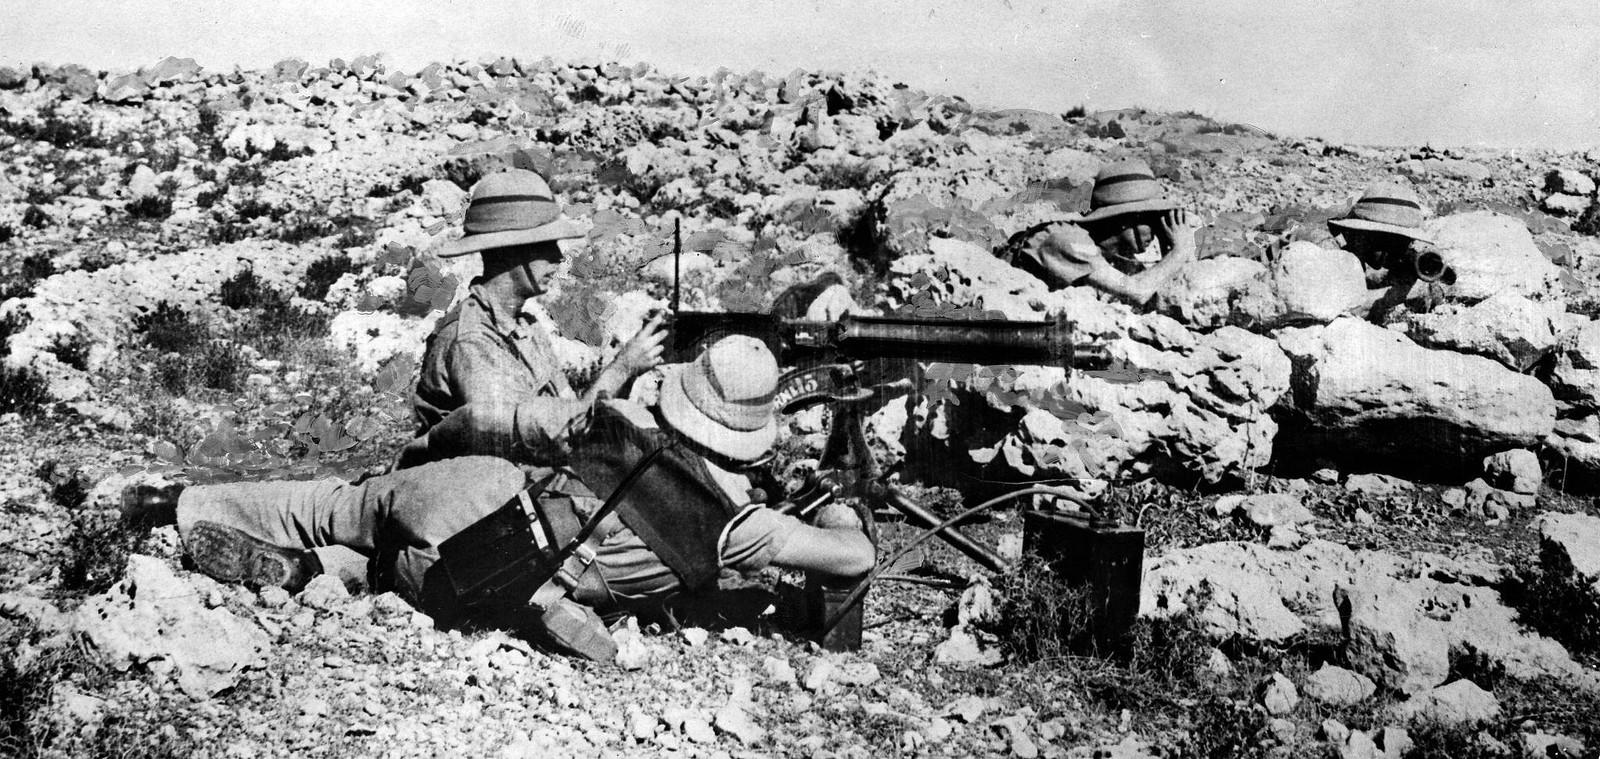 04. 1938. Британская армия под Иерусалимом